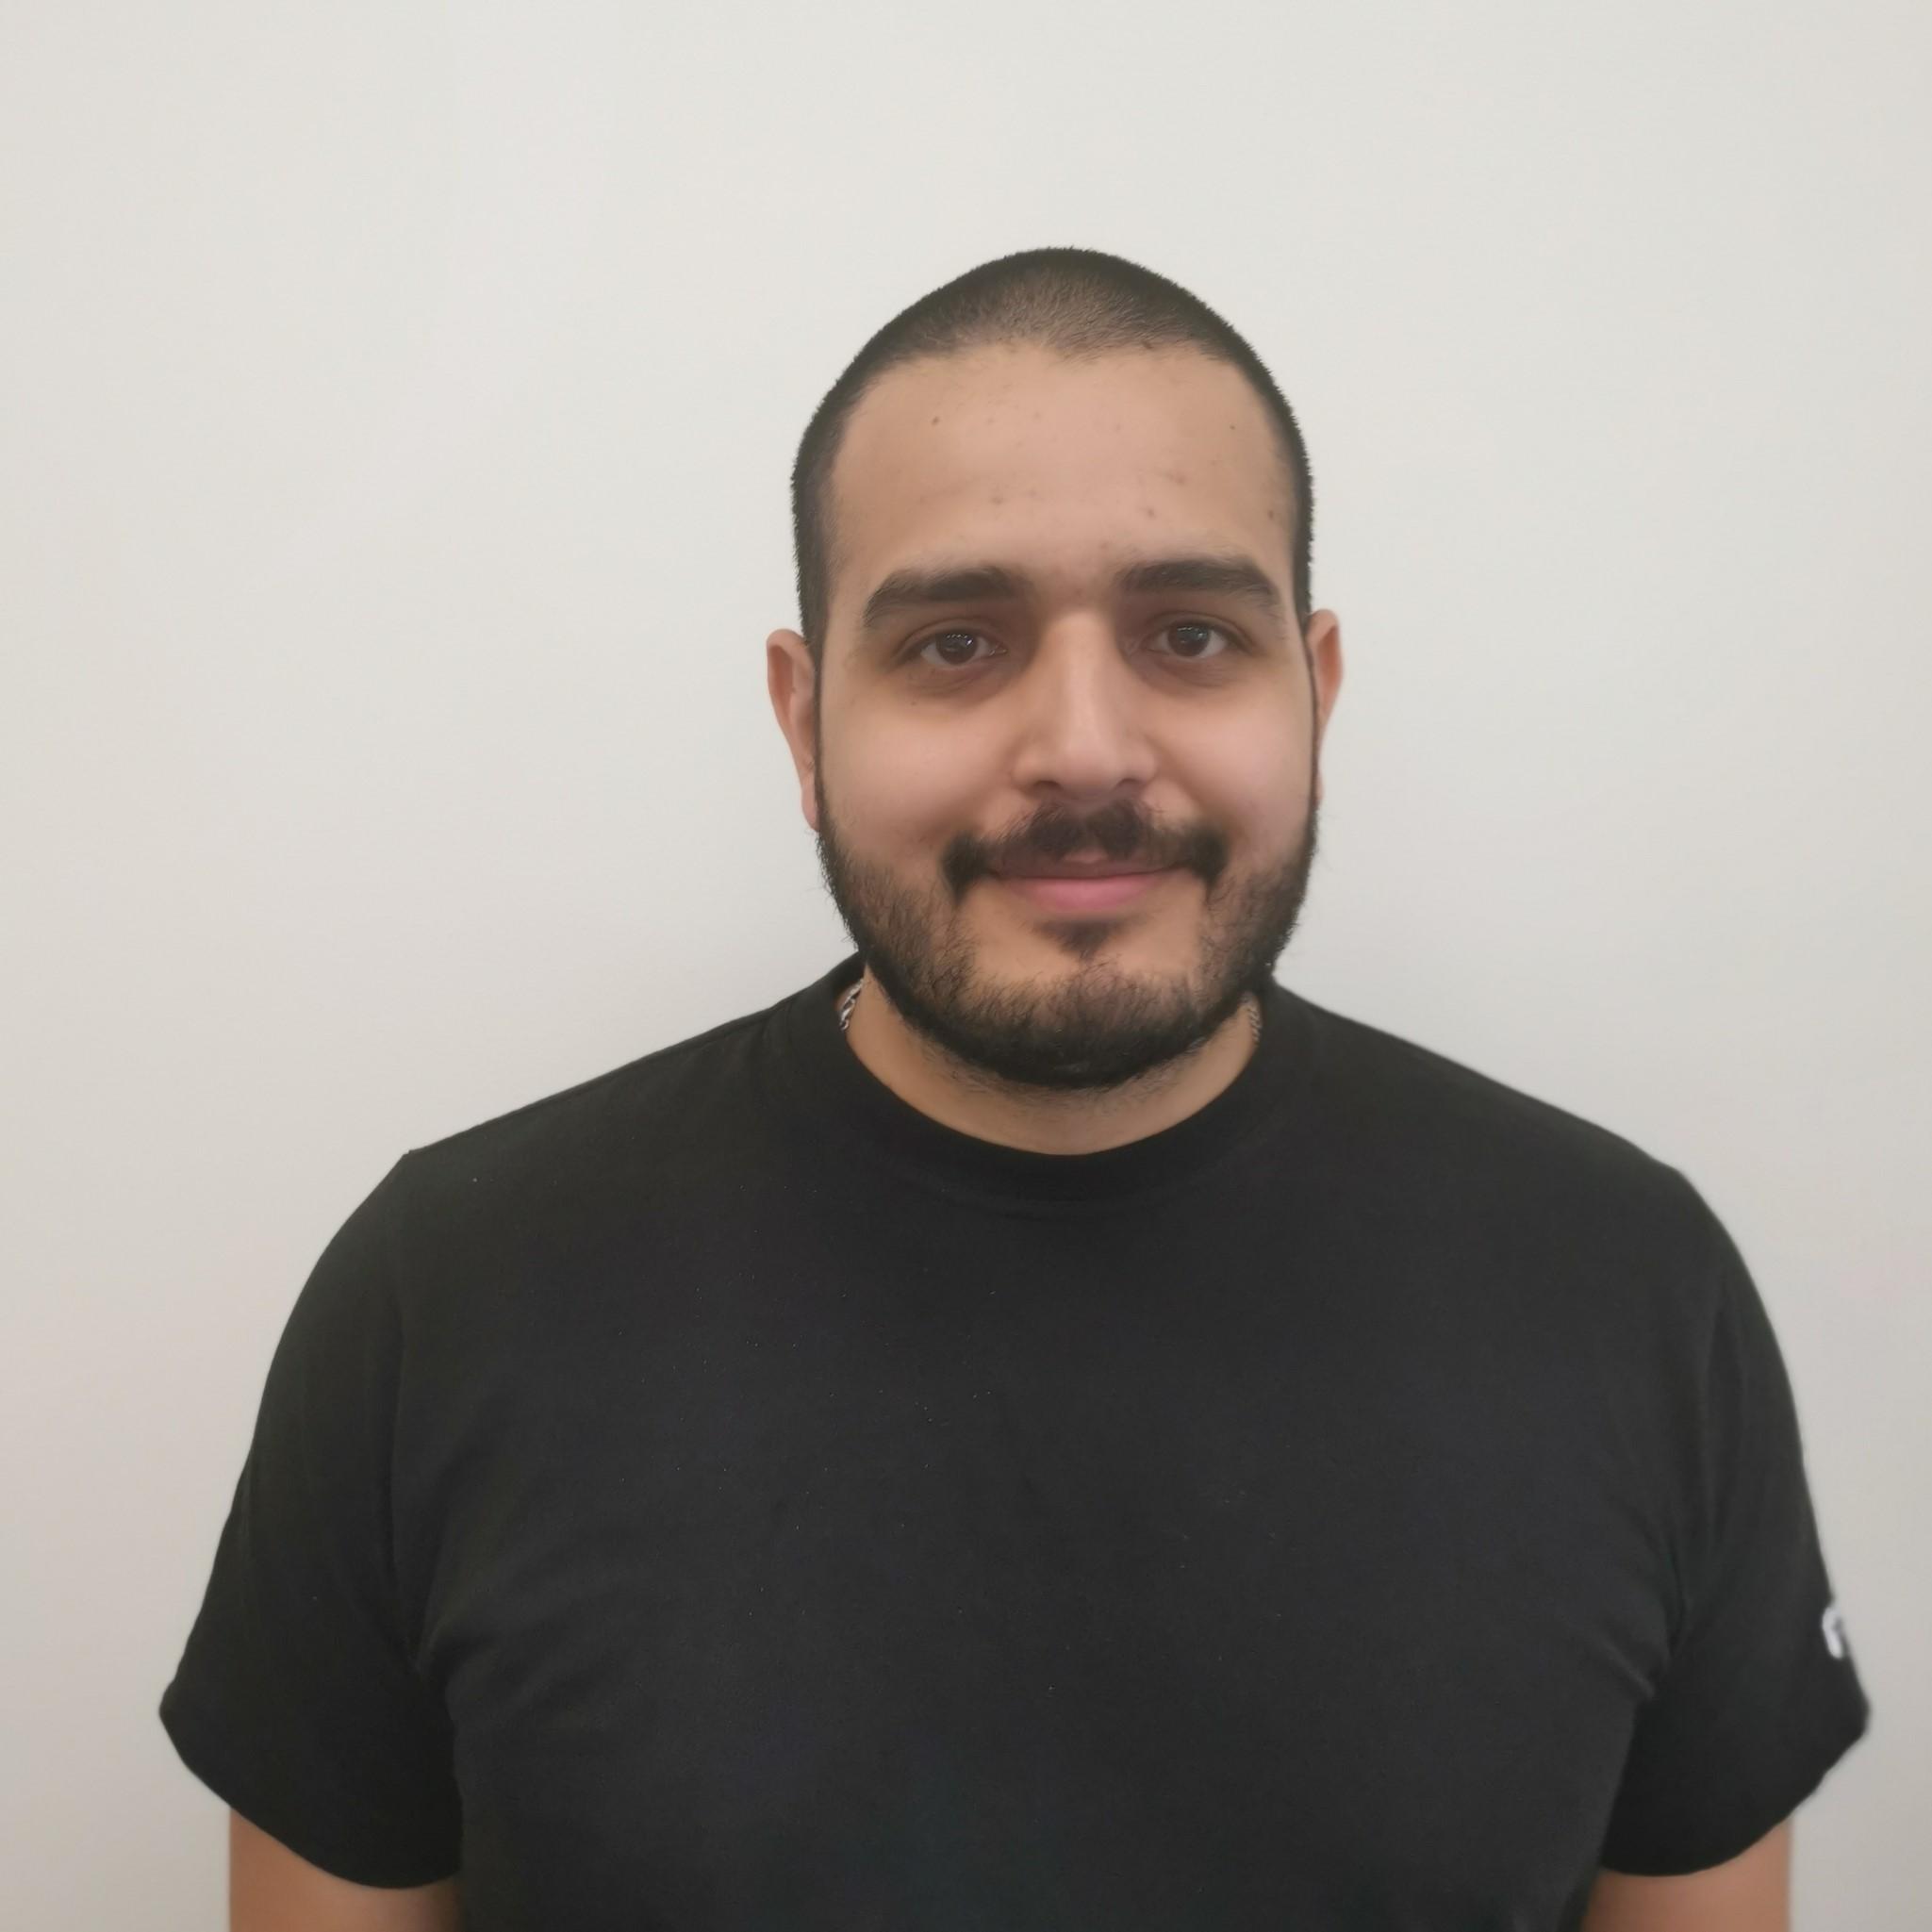 Phillip Carvajal